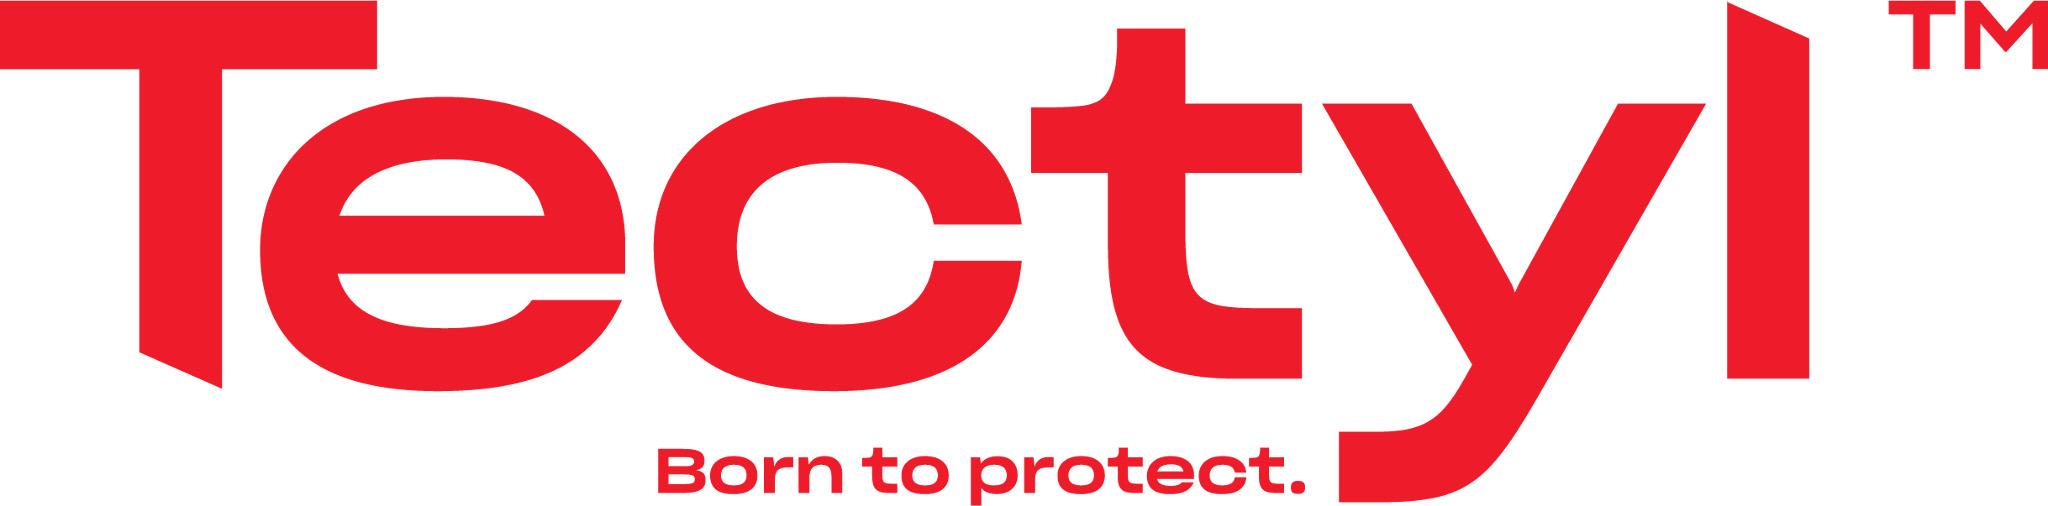 EU_0363_New_Tectyl-Logo_6-2.jpg